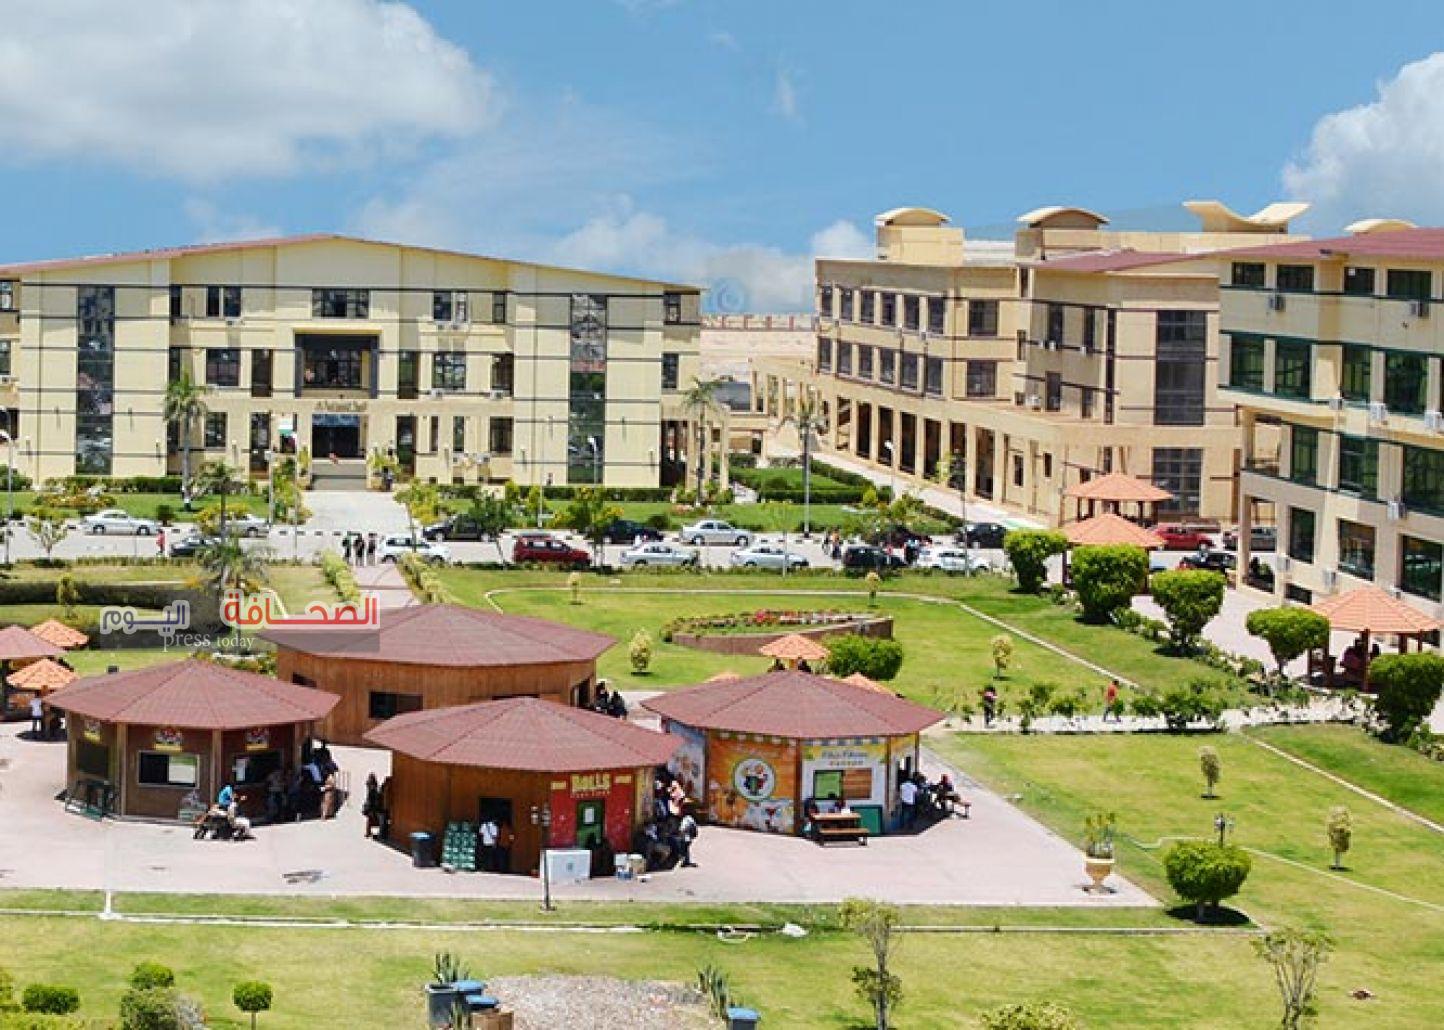 تعرف على مصروفات:جامعة الدلتا للعلوم والتكنولوجيالعام 2021-2022